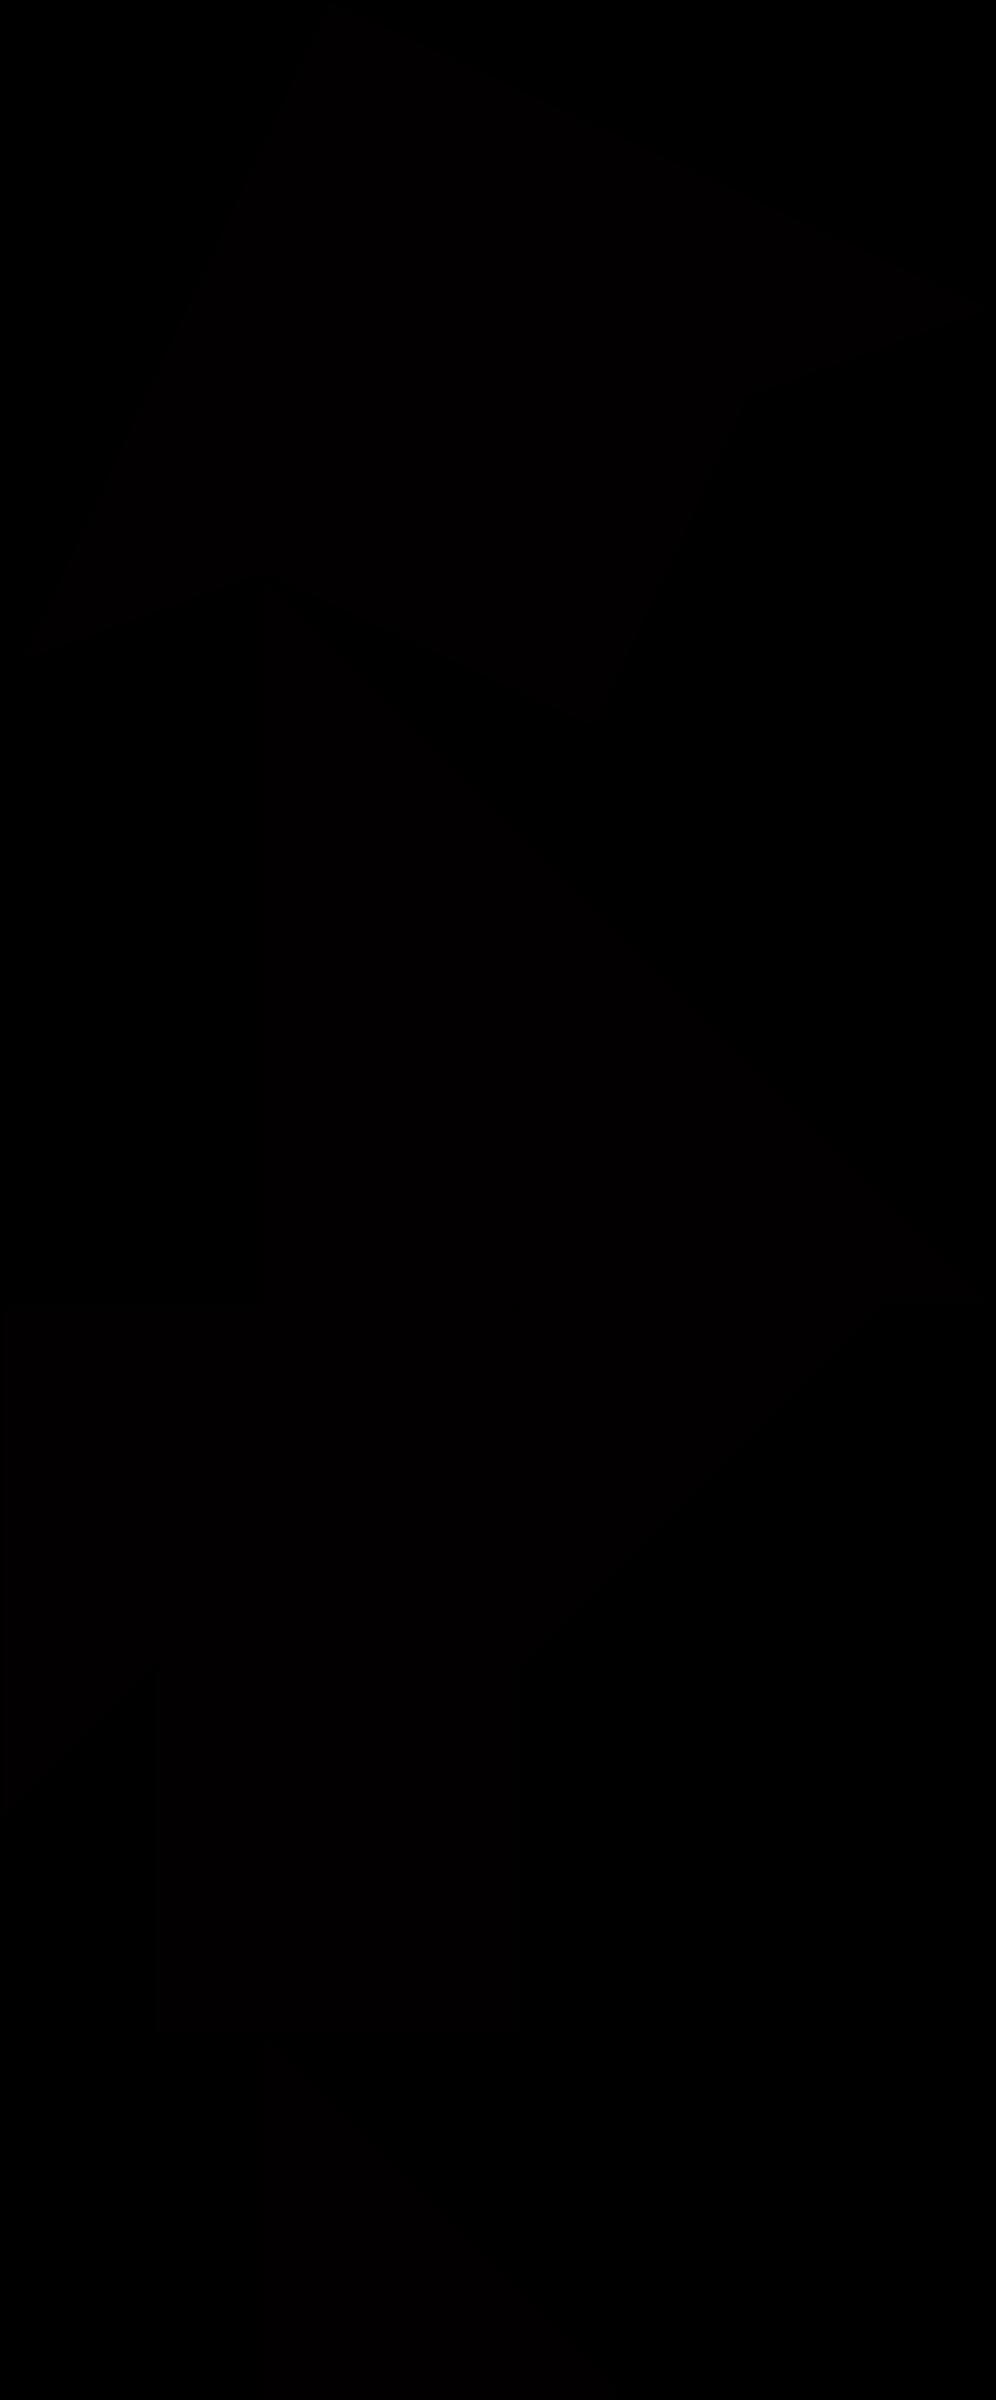 Esszimmer Clipart